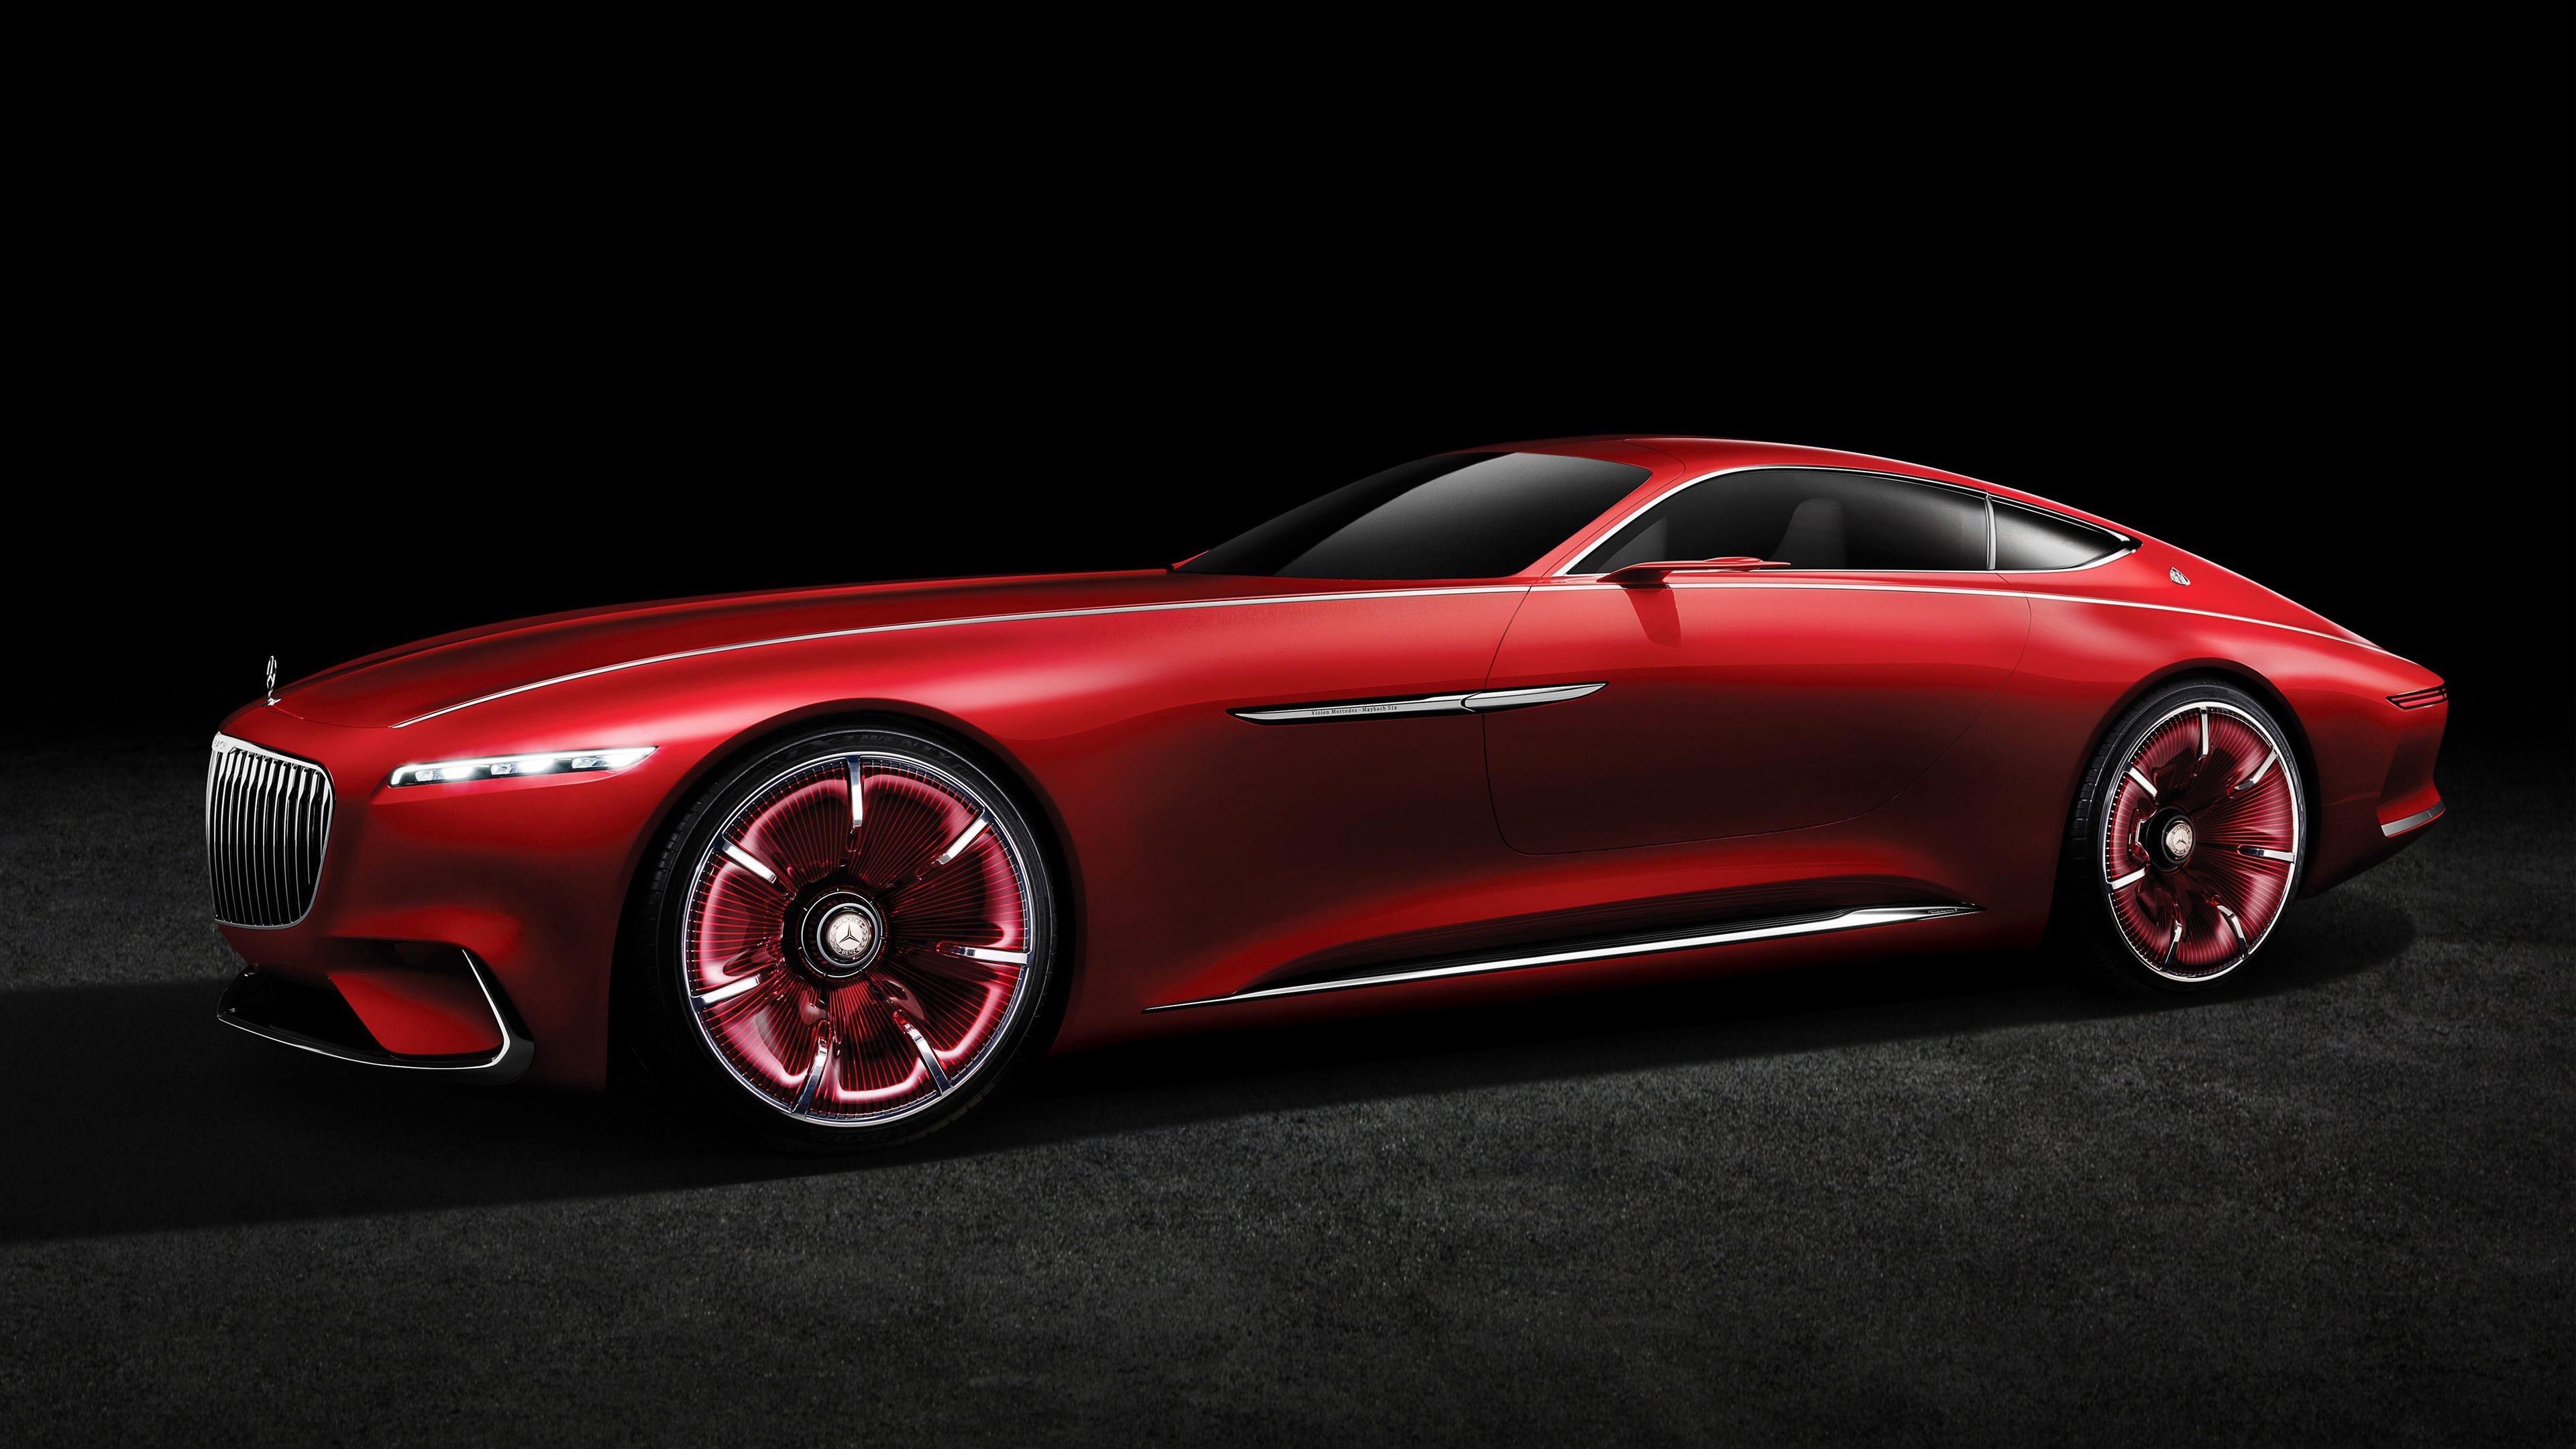 Vision Mercedes Maybach 6 3 Wallpaper | HD Car Wallpapers ...